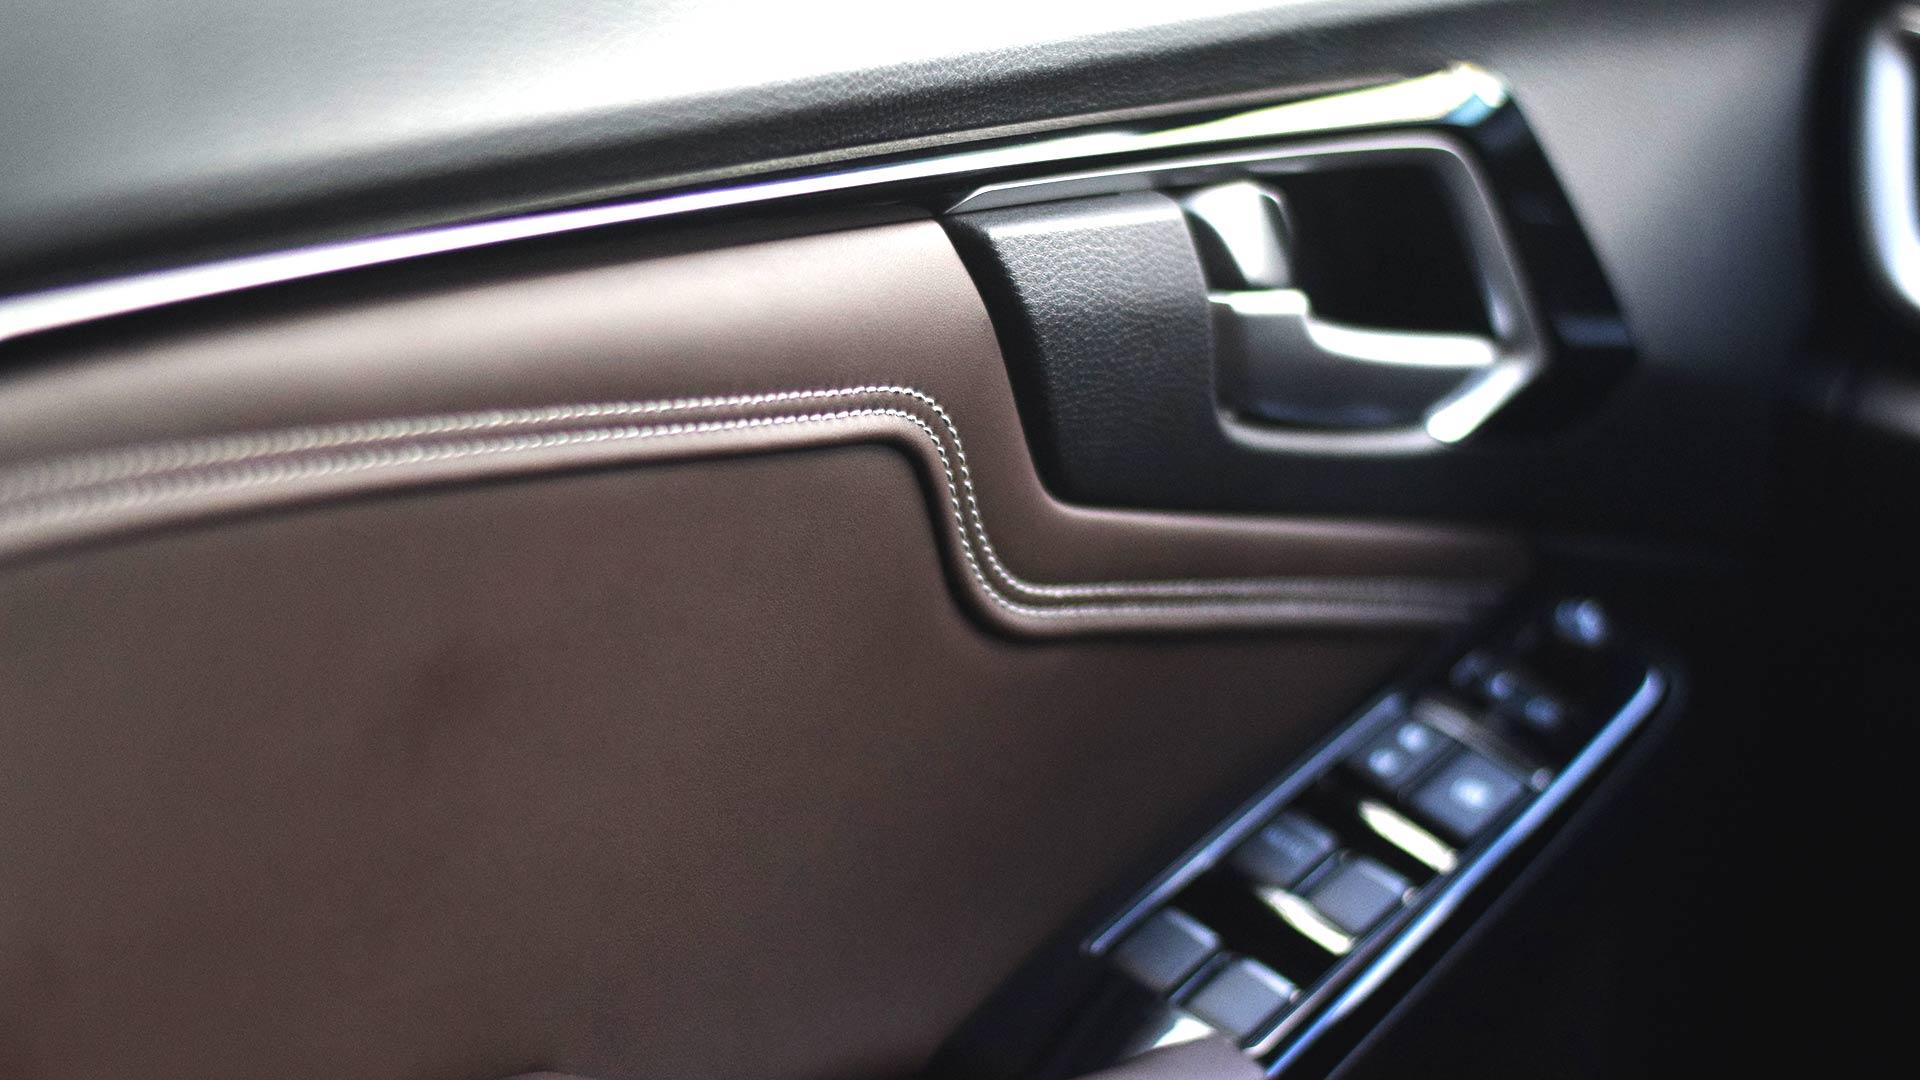 The 2021 Isuzu D-Max driver's door controls